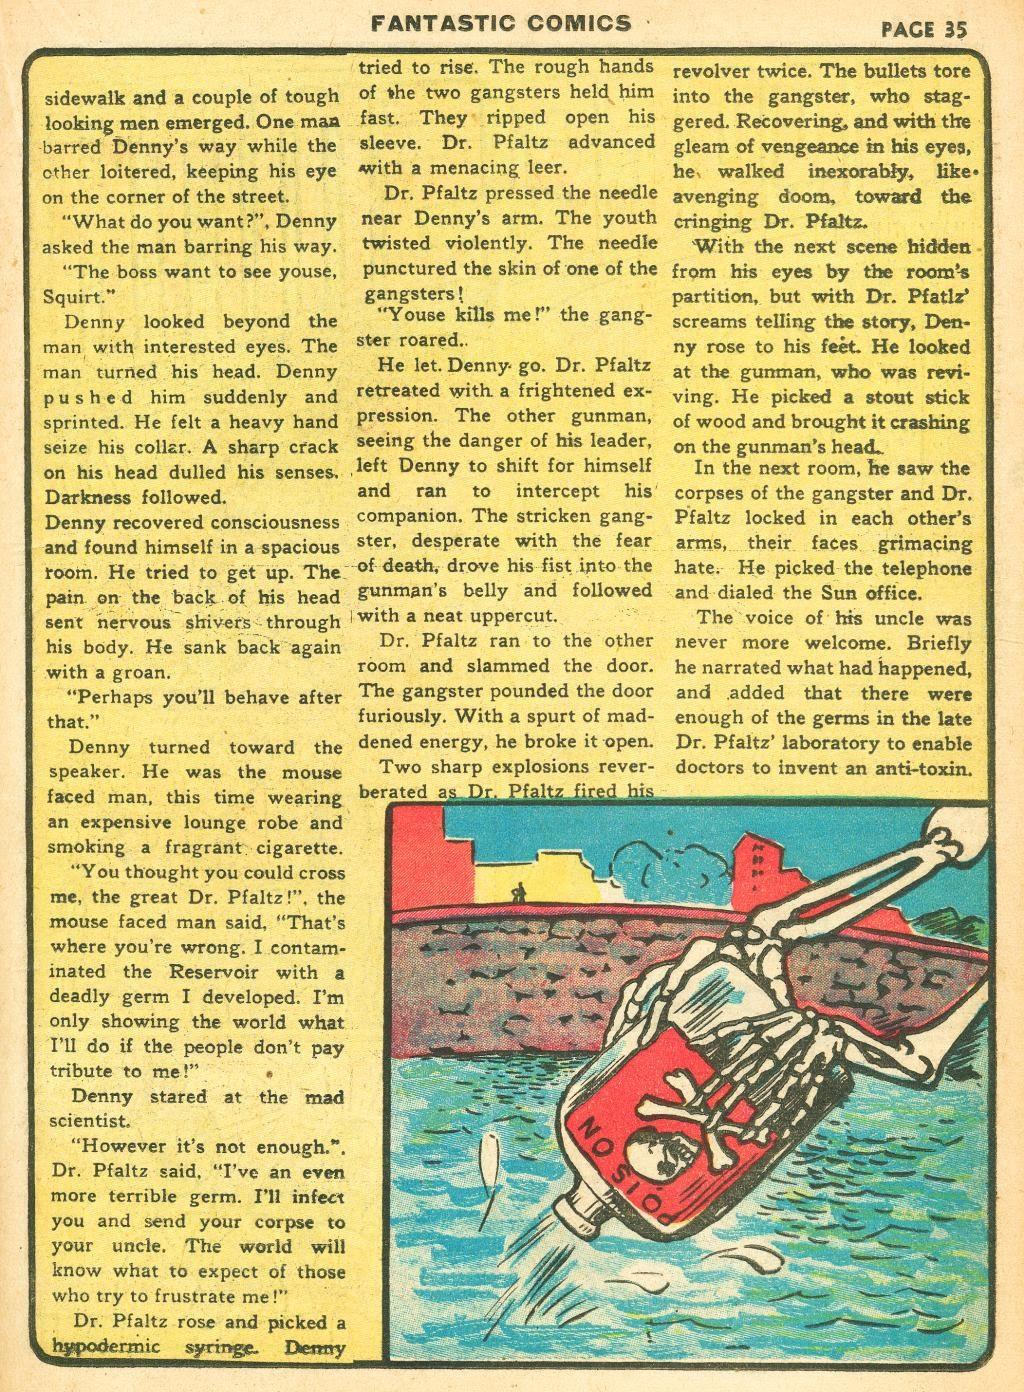 Read online Fantastic Comics comic -  Issue #12 - 37